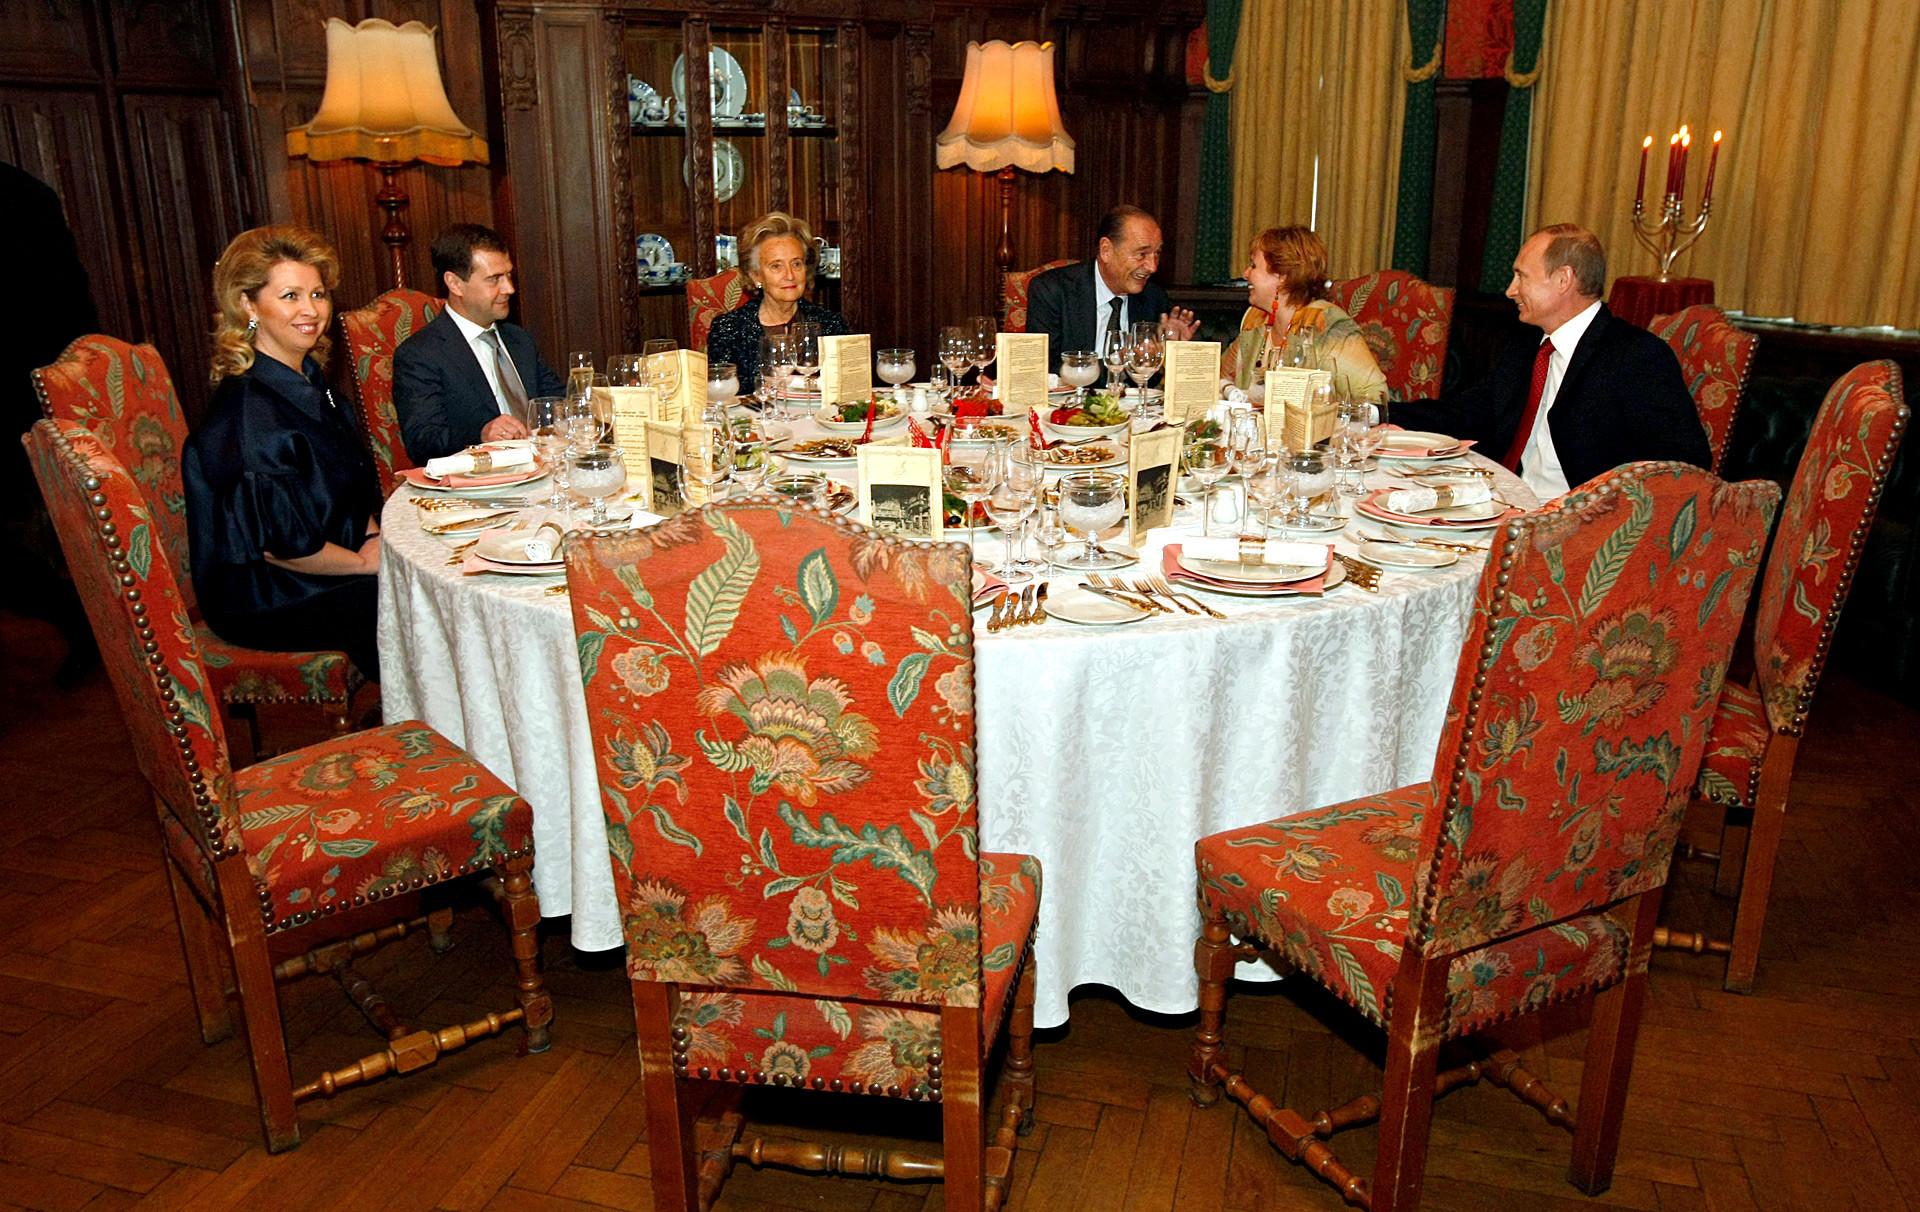 Vladimir et Lioudmila Poutine, Jacques et Bernadette Chirac, Dmitri et Svetlana Medvedev au restaurant Ancienne maison de douane